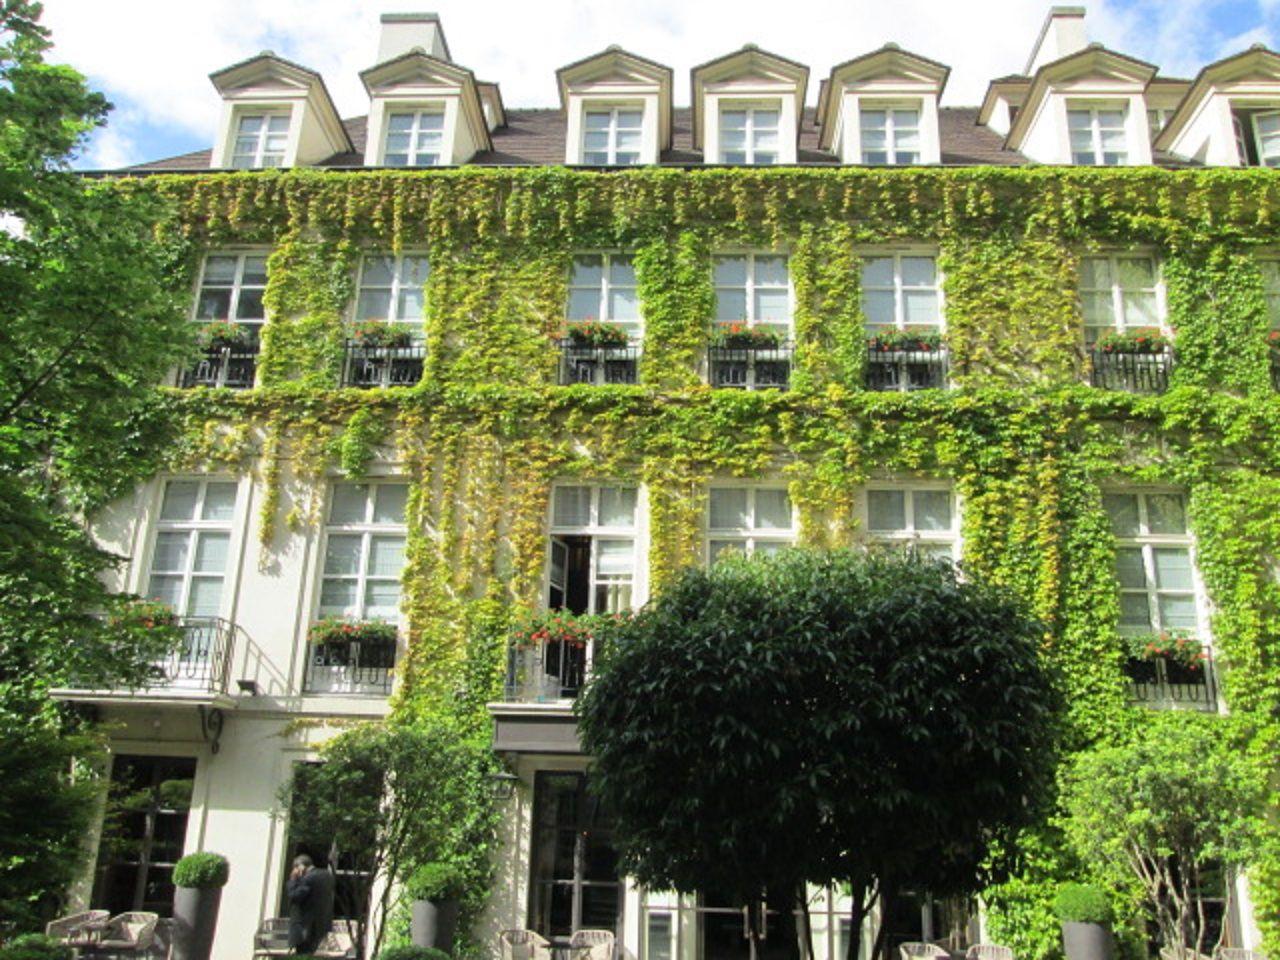 緑に覆われたかわいらしいホテル